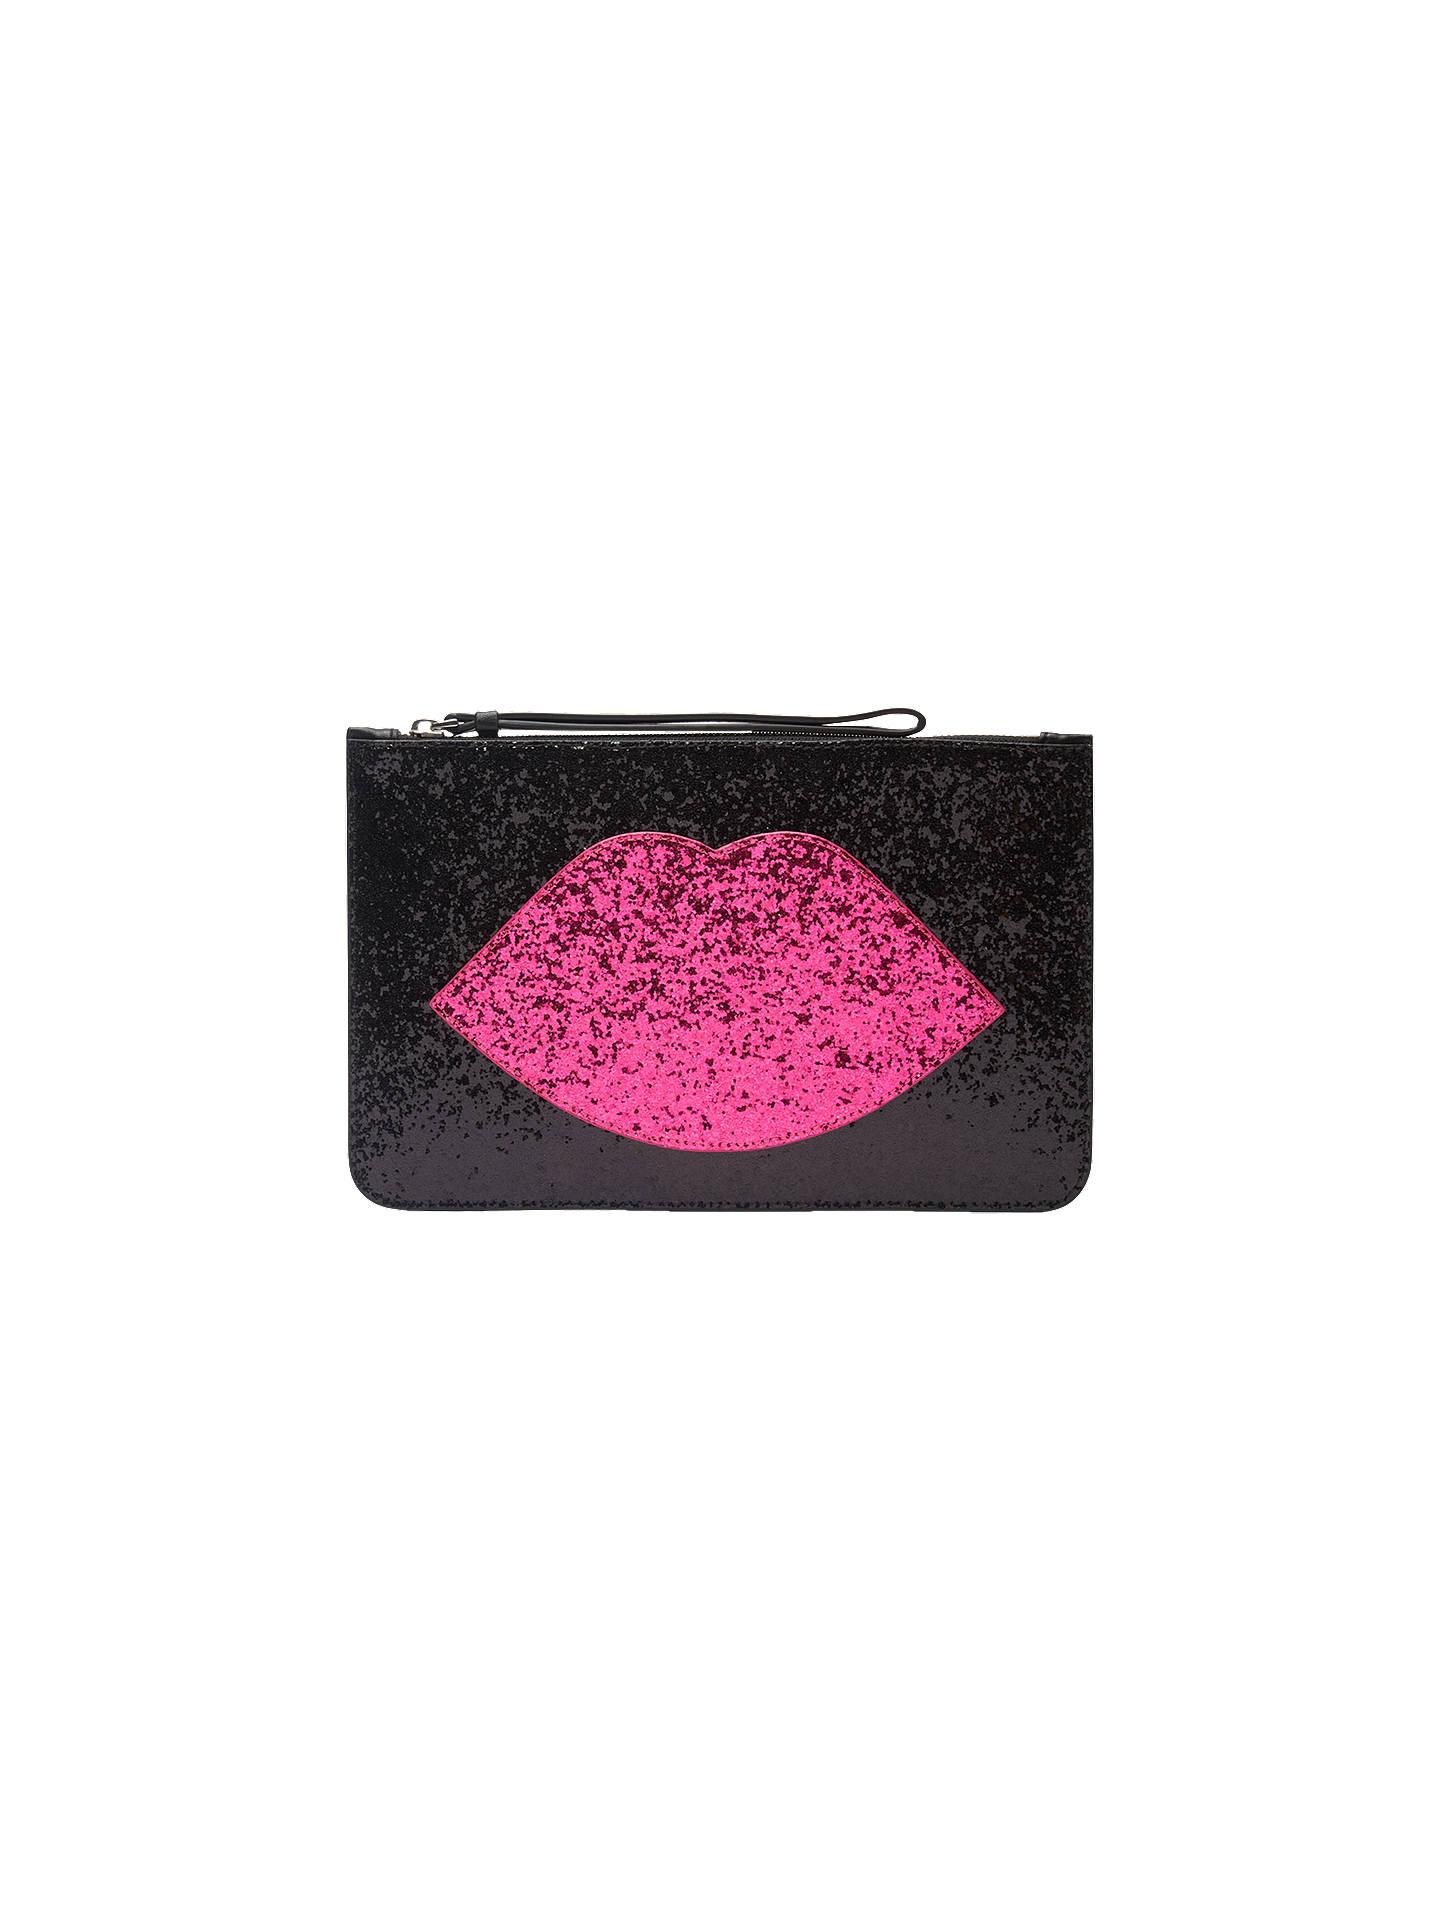 715aa02942b3 Buy Lulu Guinness Glitter Lip Grace Clutch Bag